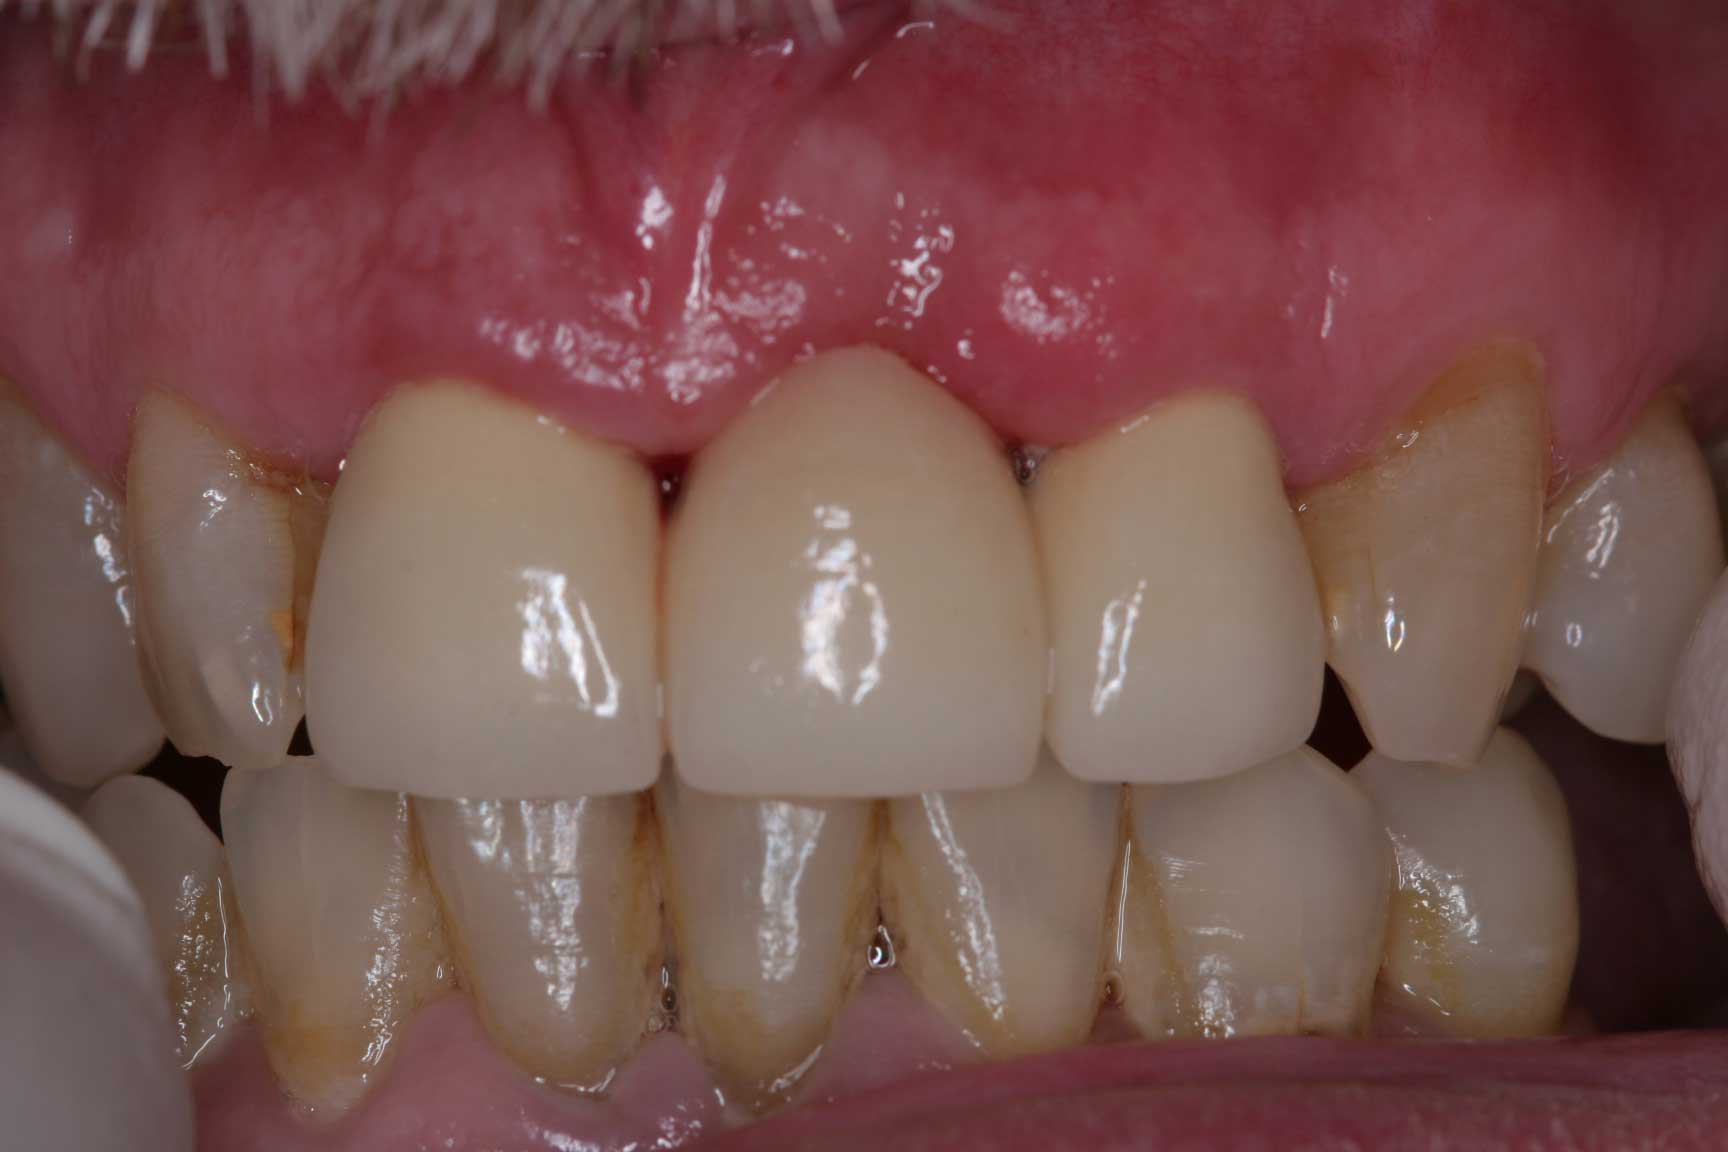 Millennium Dental Workers Compensation Dentist San